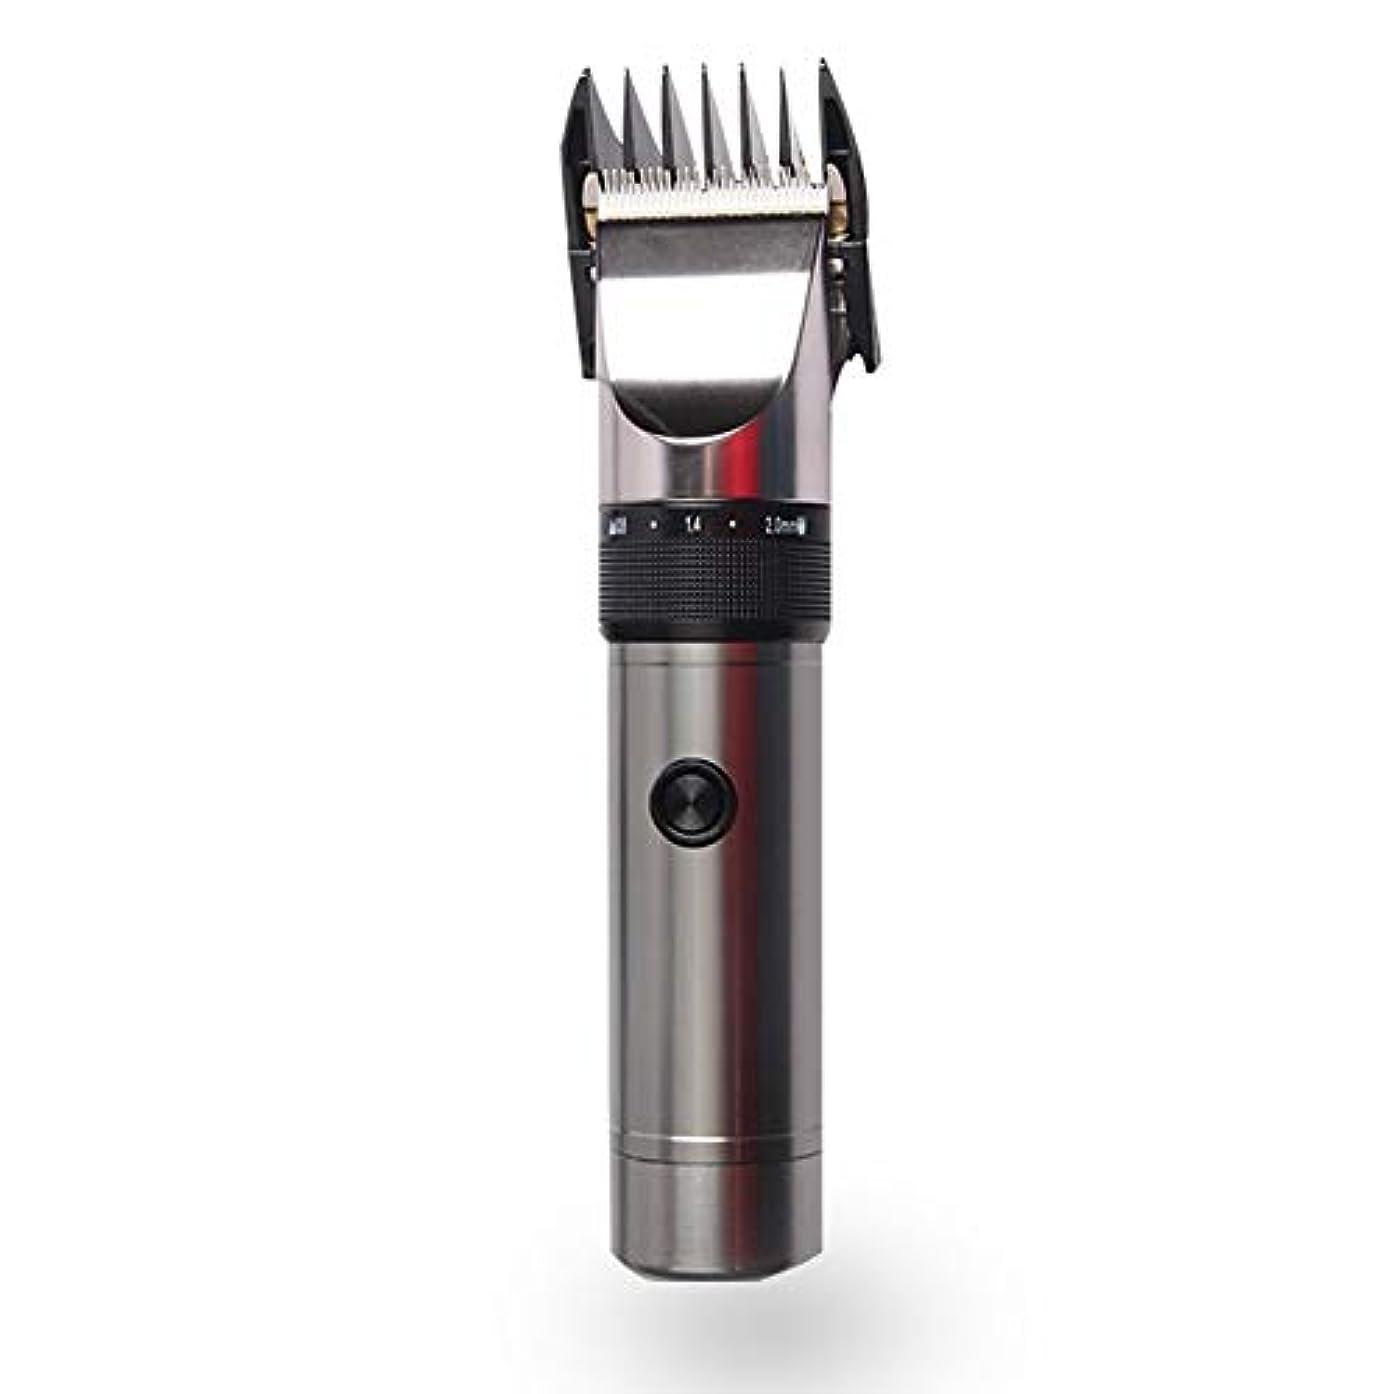 束演じるする必要がある専門の再充電可能な毛クリッパーの理髪店の特別な毛クリッパーの大人の子供の電気シェーバーの毛のトリマー